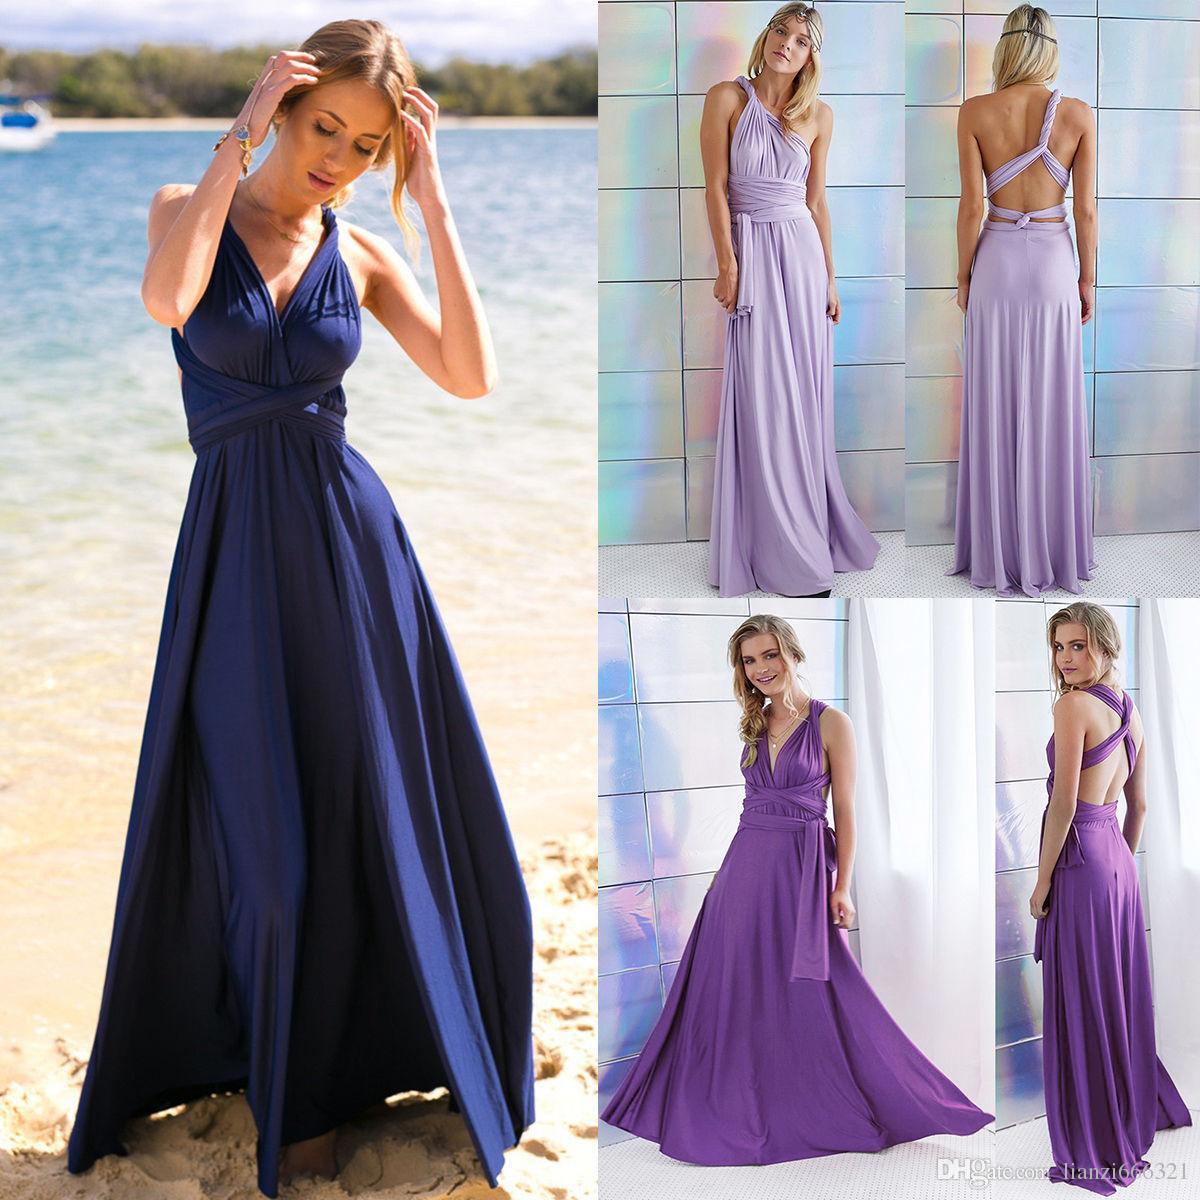 Femmes élégantes robe de soirée convertibles multiples enveloppantes demoiselle d'honneur formelle robes longues de danse robe de danse robes longues HJ075